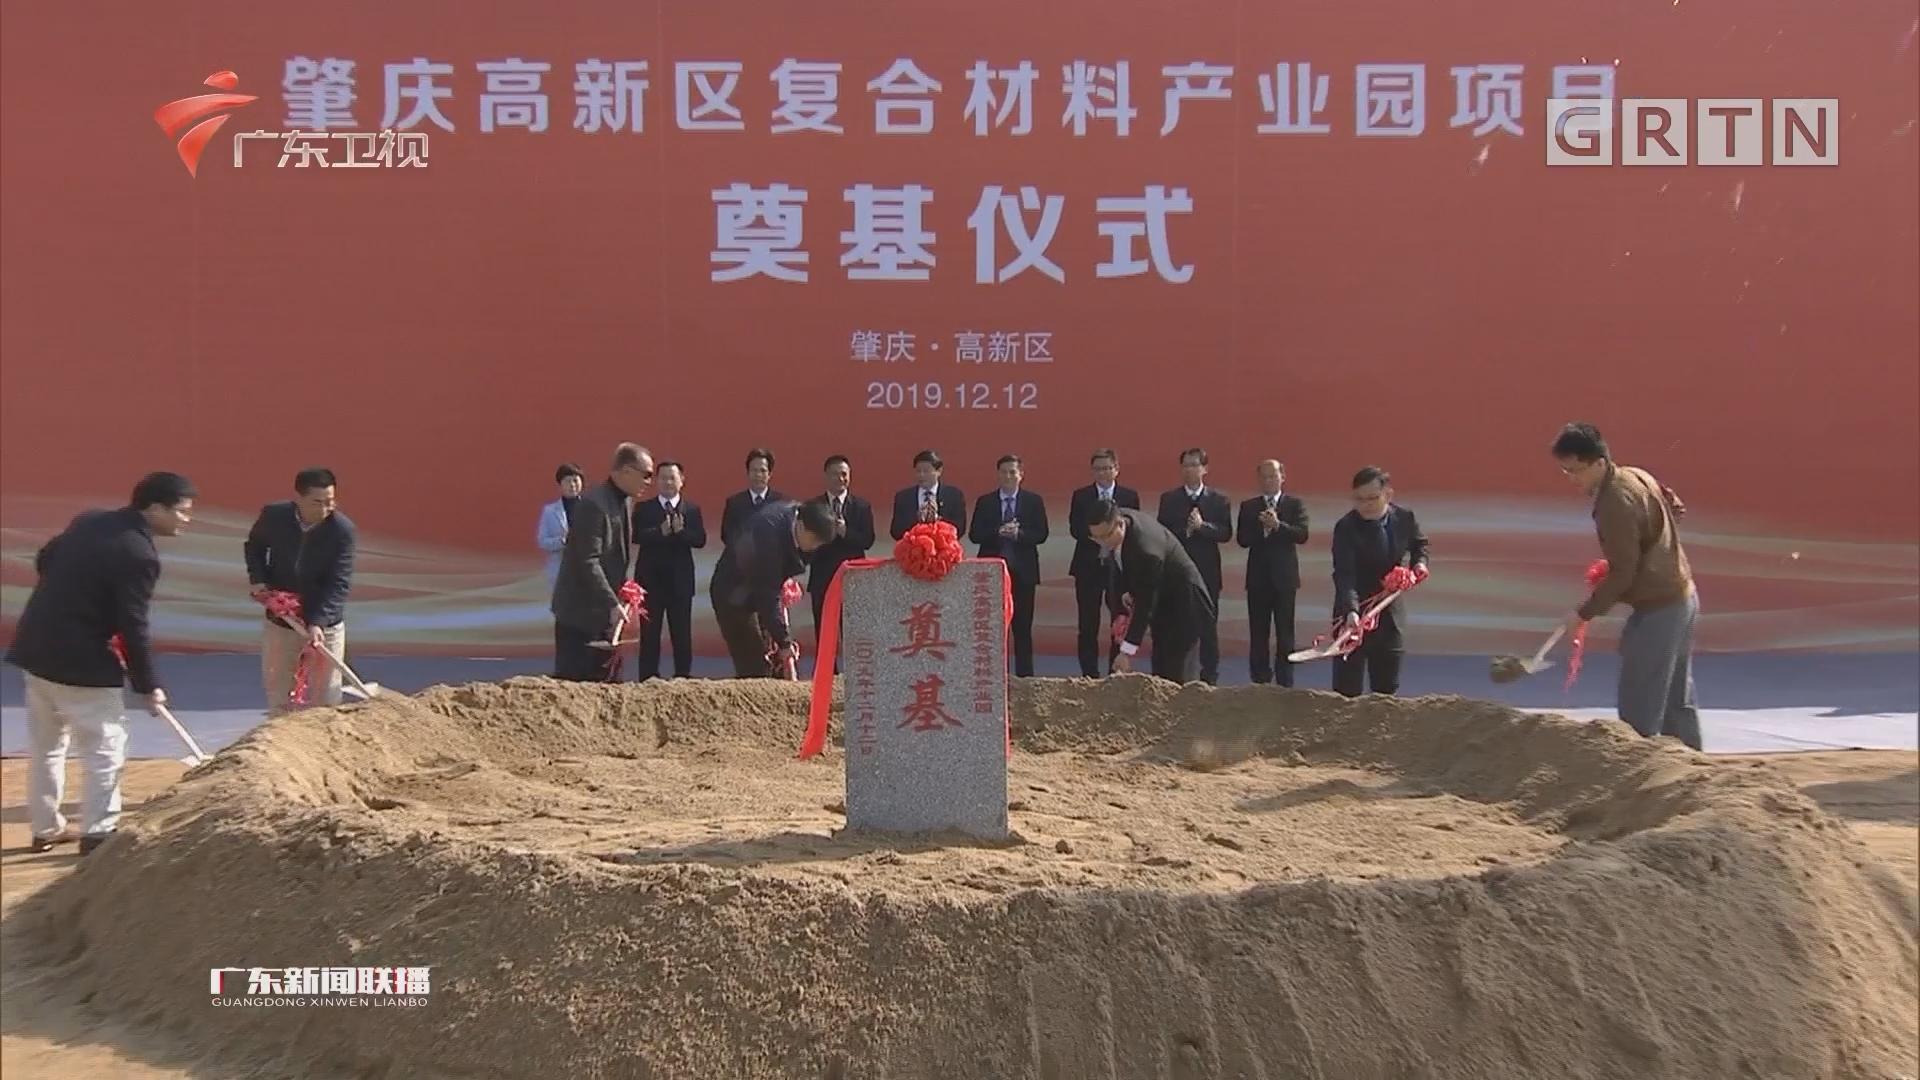 肇庆:大项目助力经济高质量发展